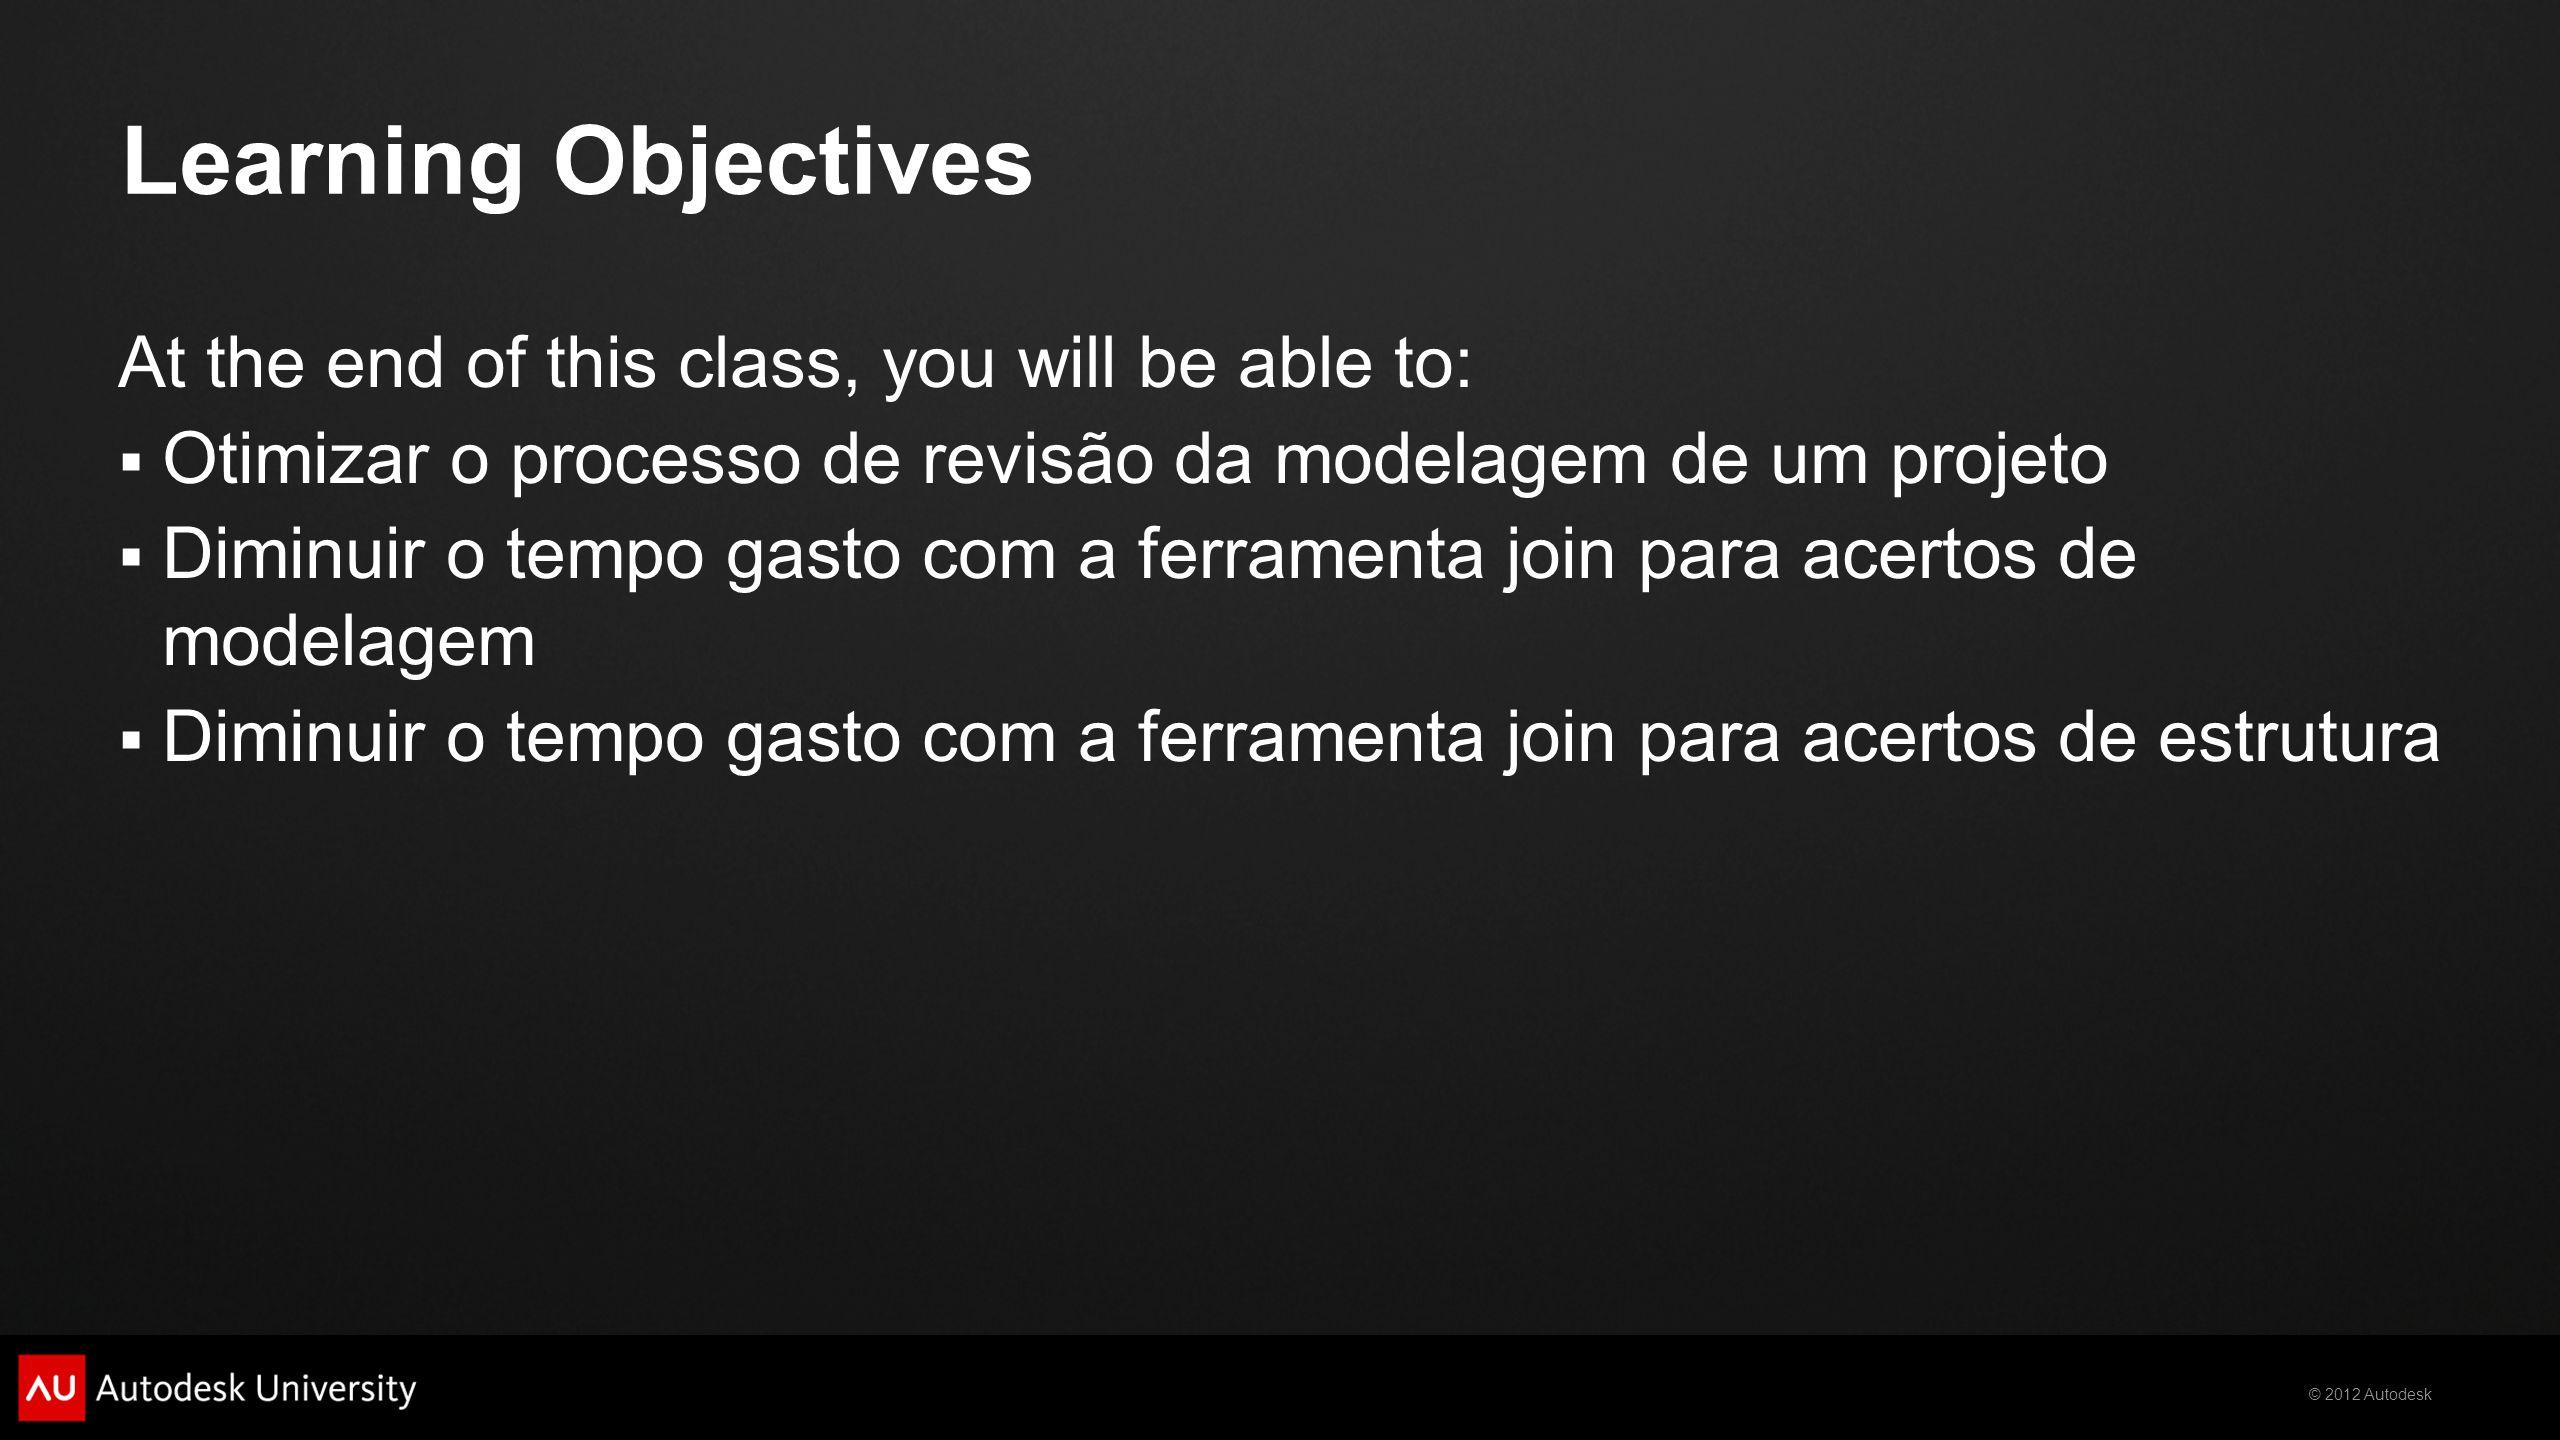 © 2012 Autodesk Learning Objectives At the end of this class, you will be able to:  Otimizar o processo de revisão da modelagem de um projeto  Diminuir o tempo gasto com a ferramenta join para acertos de modelagem  Diminuir o tempo gasto com a ferramenta join para acertos de estrutura